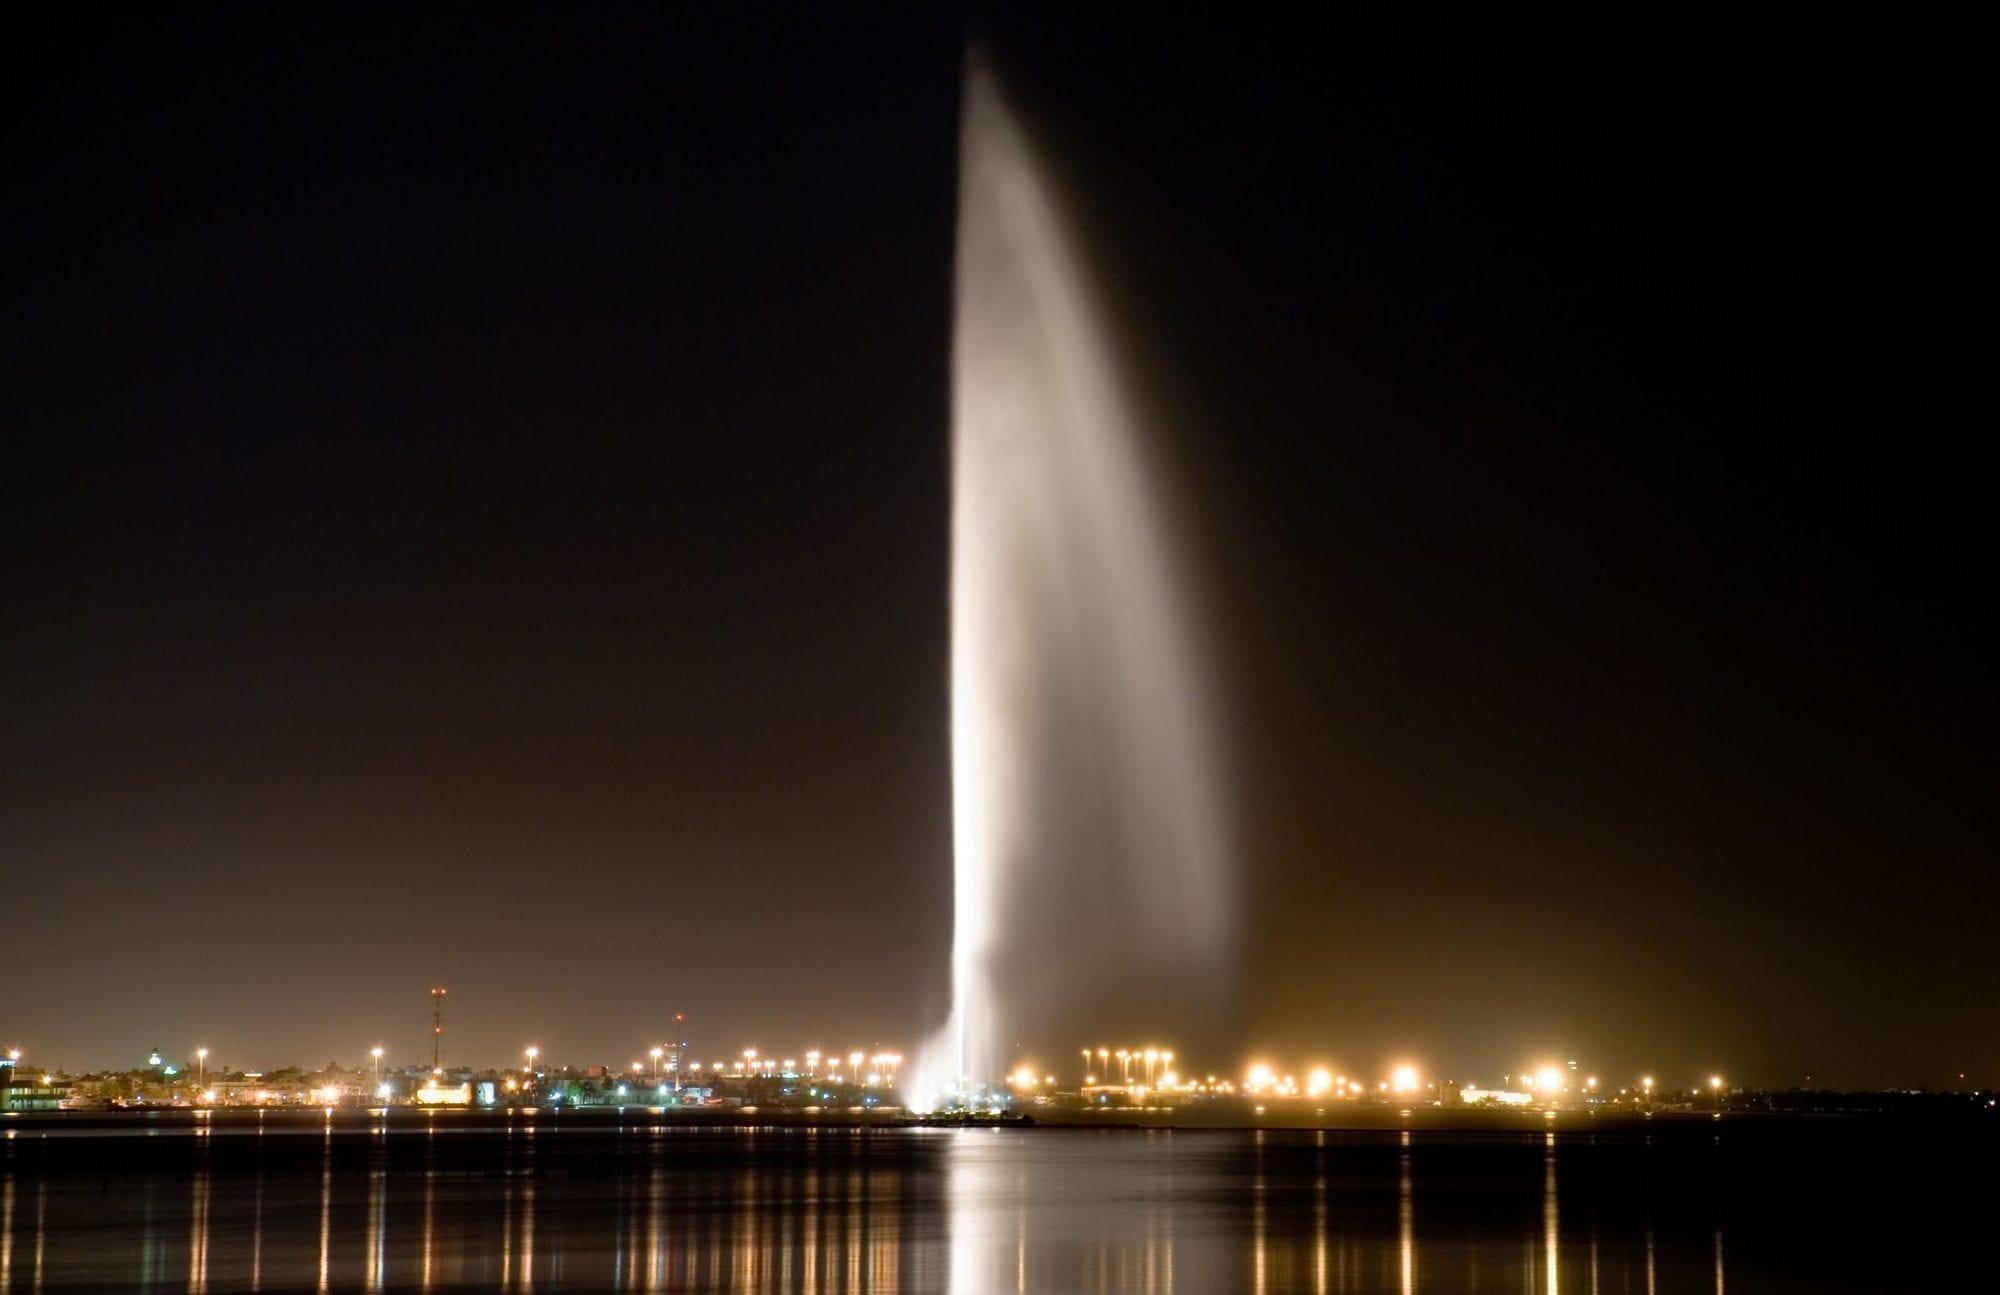 كم محافظة في البحرين